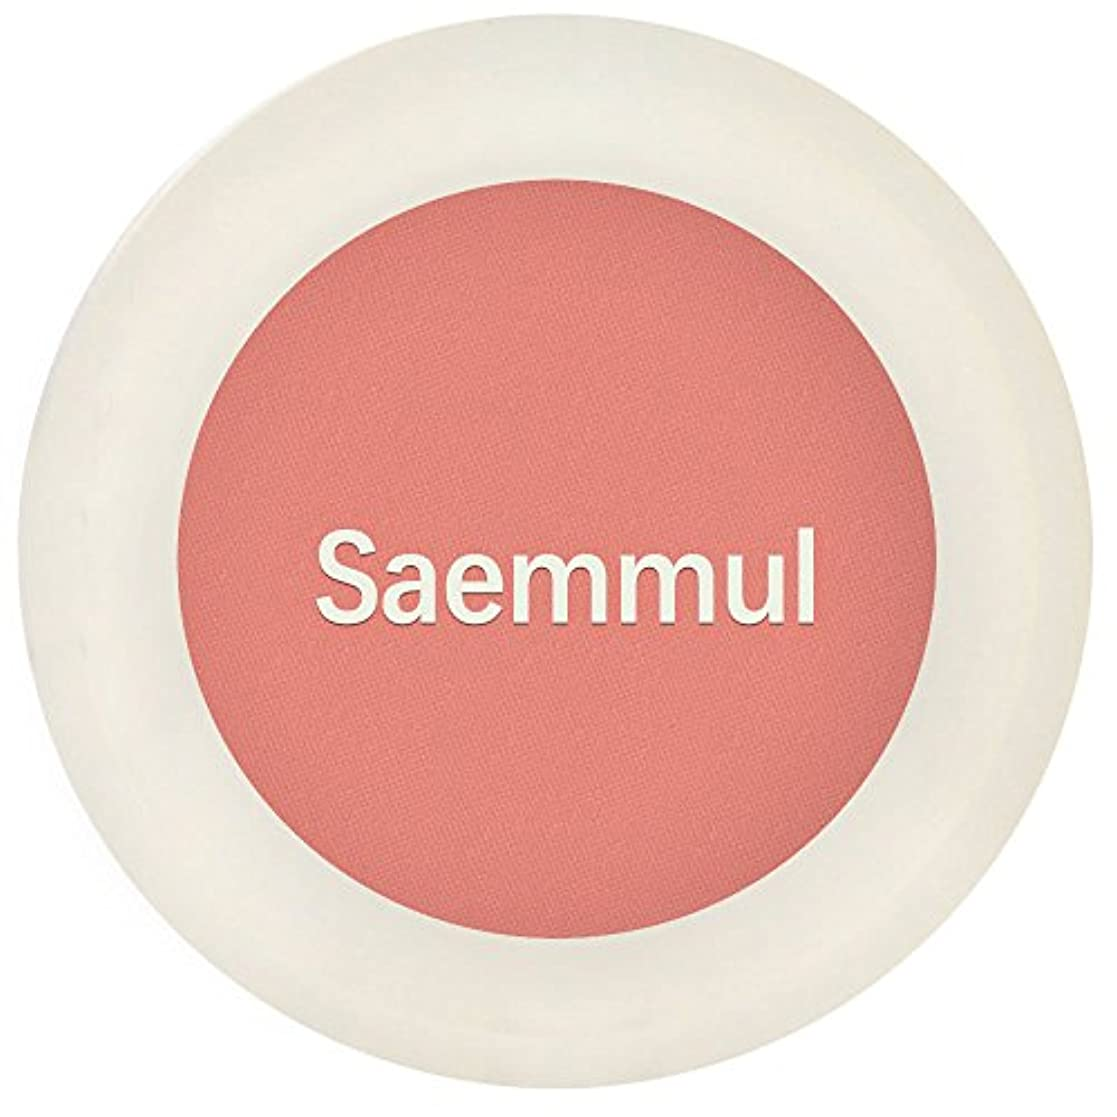 評価可能戻る役割【the SAEM(ザ セム)】センムル シングル シャドウ (マット) I (7カラー選択1) (PK02)